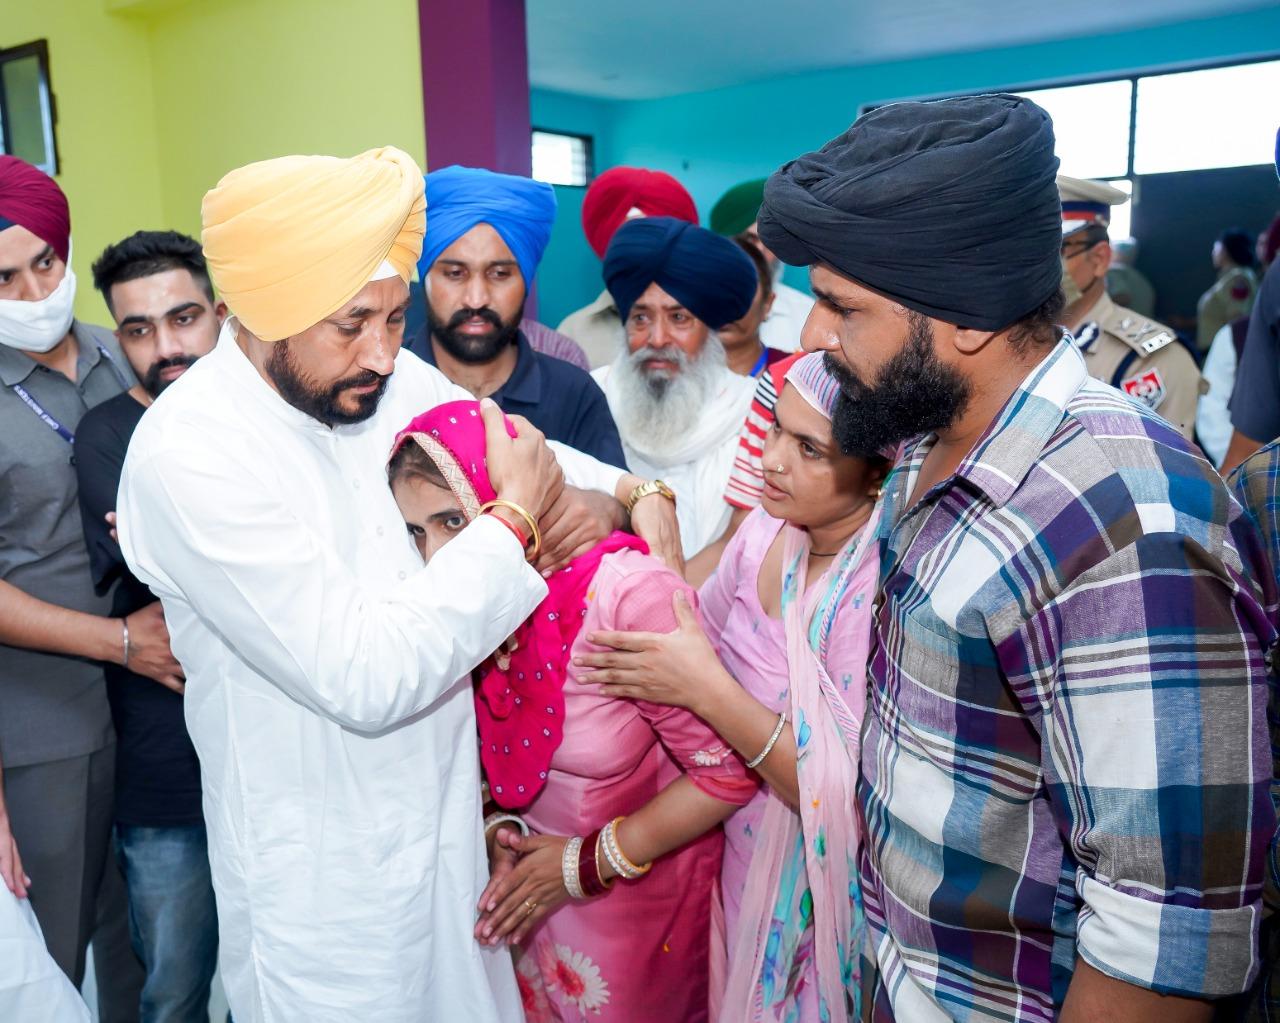 शहीद गज्जन सिंह के परिवार से दुख सांझा करते हुए मुख्यमंत्री चरणजीत सिंह चन्नी